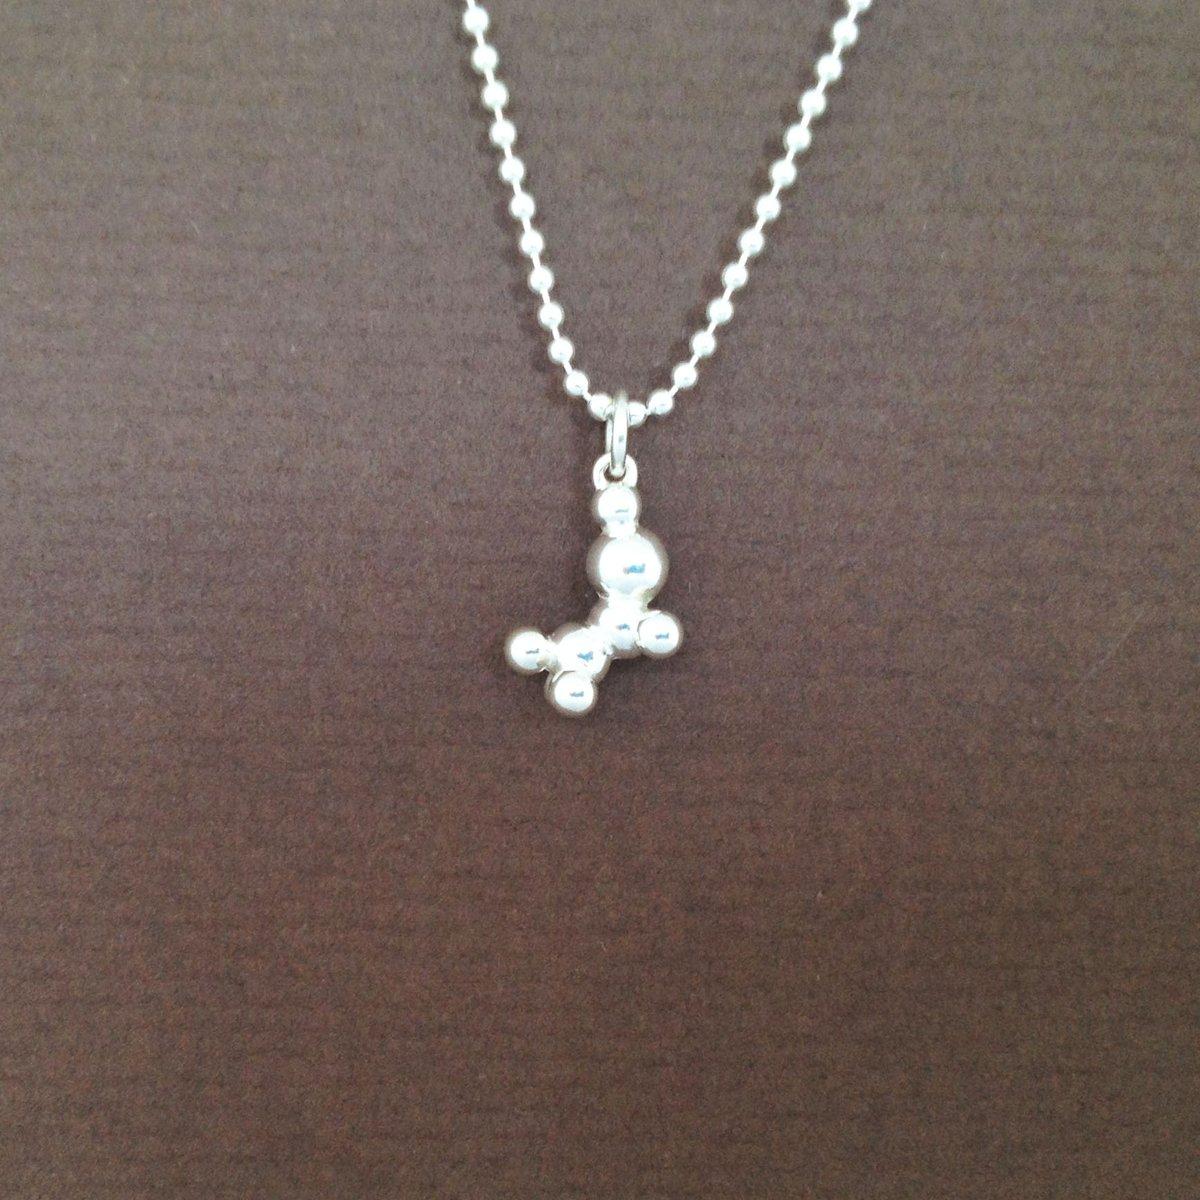 Image of ethanol charm necklace